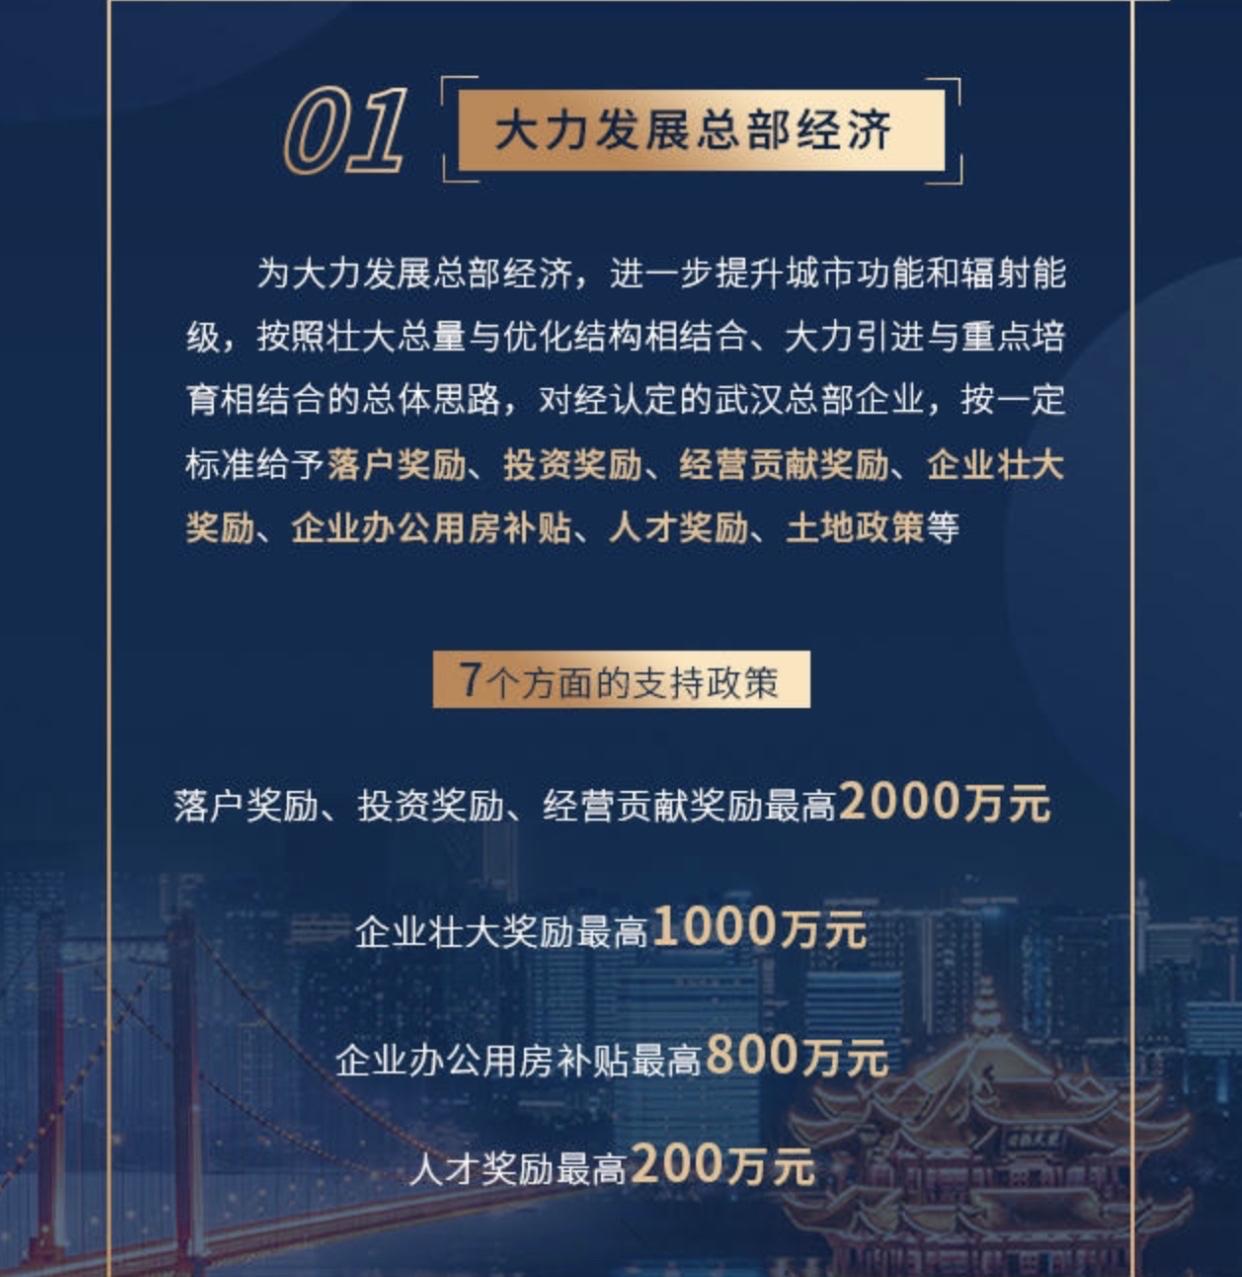 """深入推动企业上市 武汉发布推动产业高质量发展""""黄金十条"""""""